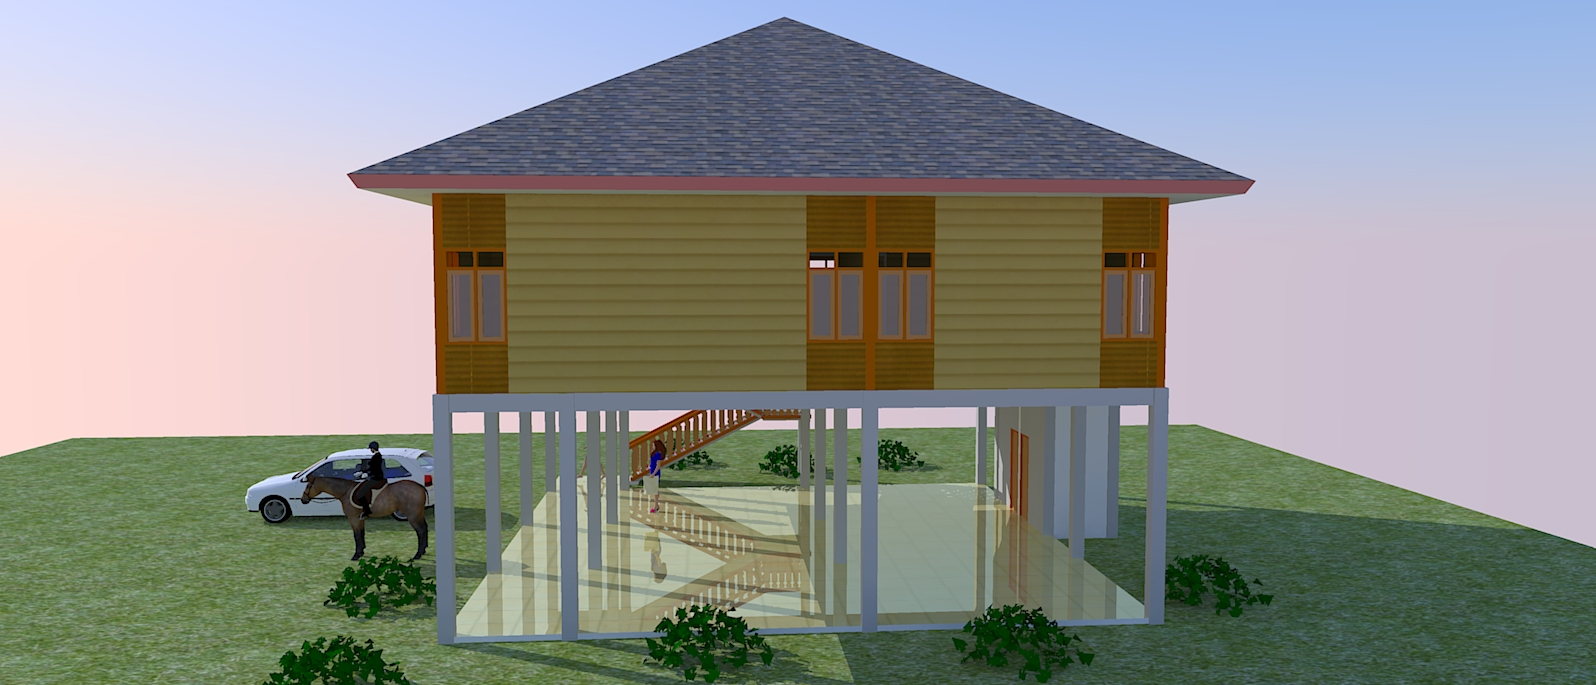 Contoh Disain Rumah Kayu